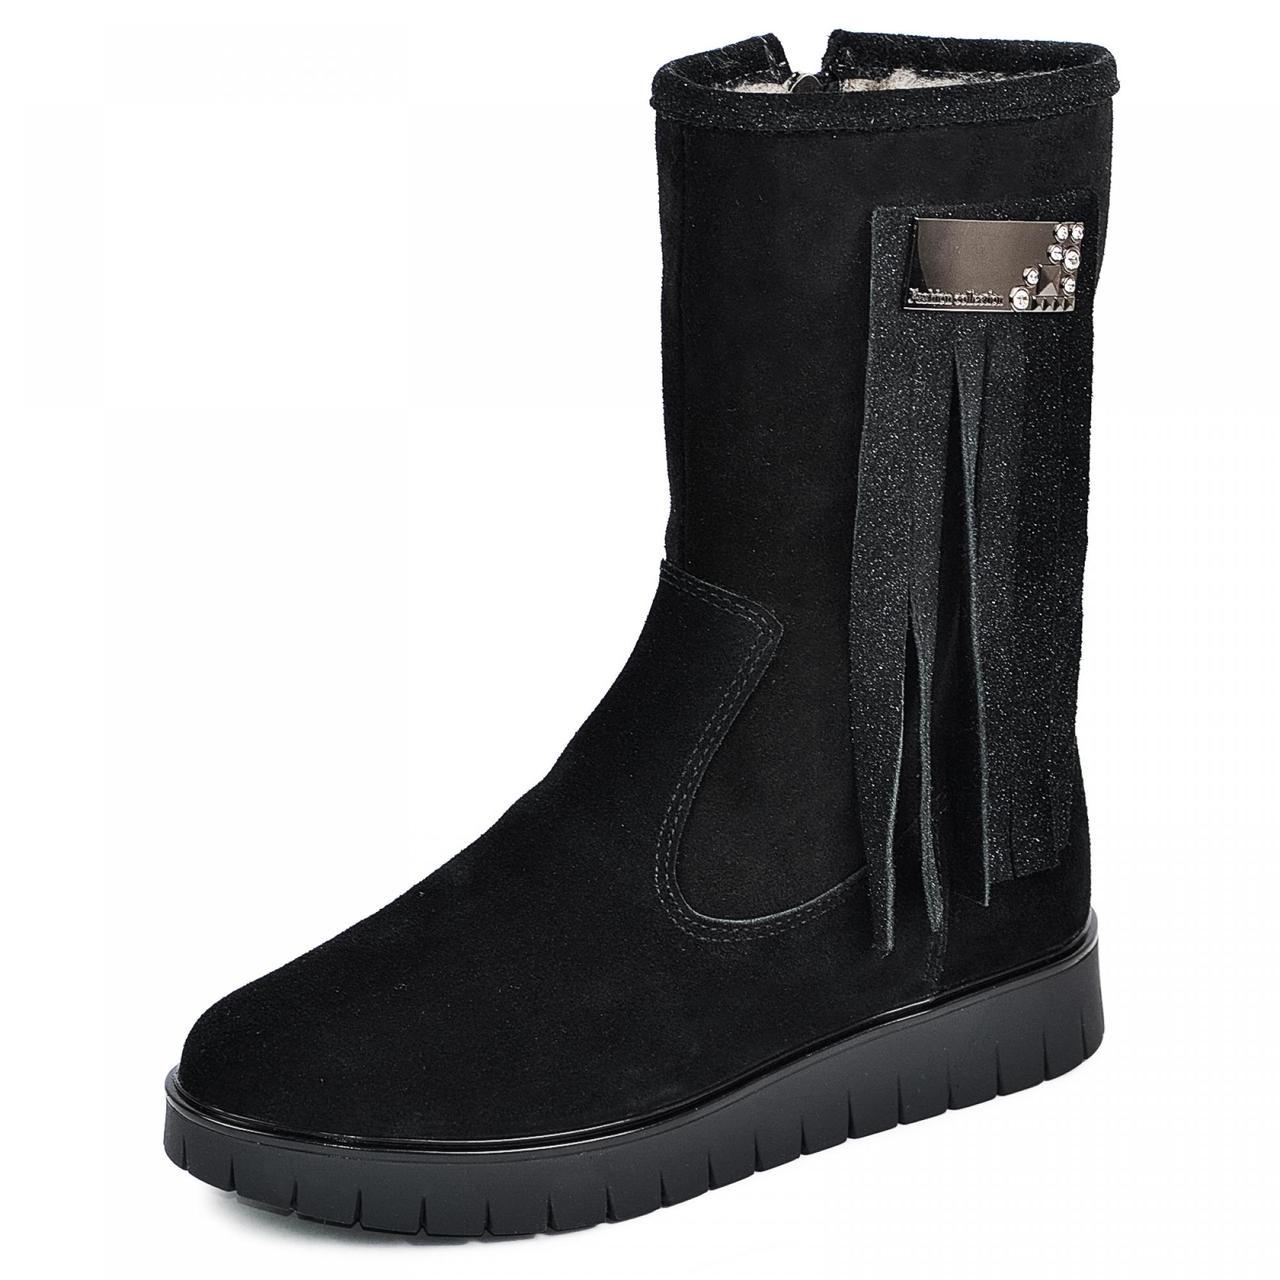 Жіночі черевики чорні з натуральної шкіри замш р р. 36 37 38 39 40